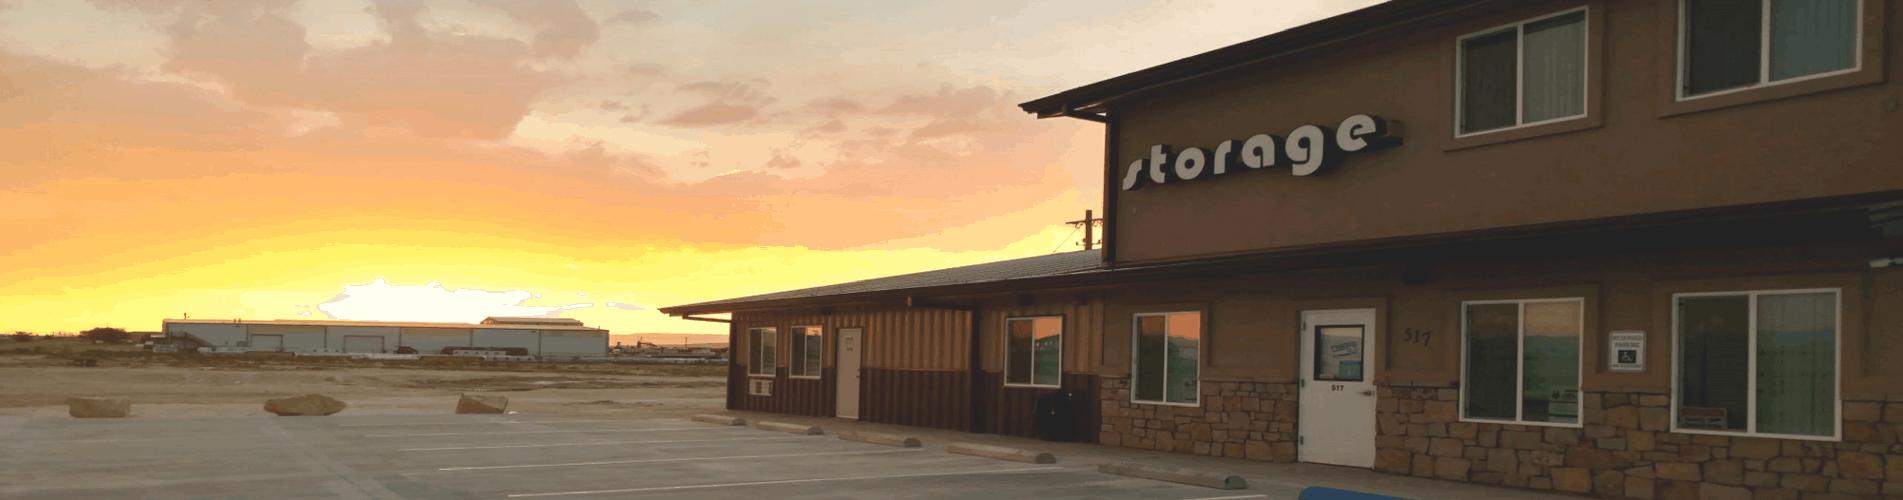 Armor Storage | 517 E. Industrial Blvd. Pueblo West, Colorado 81007 United States